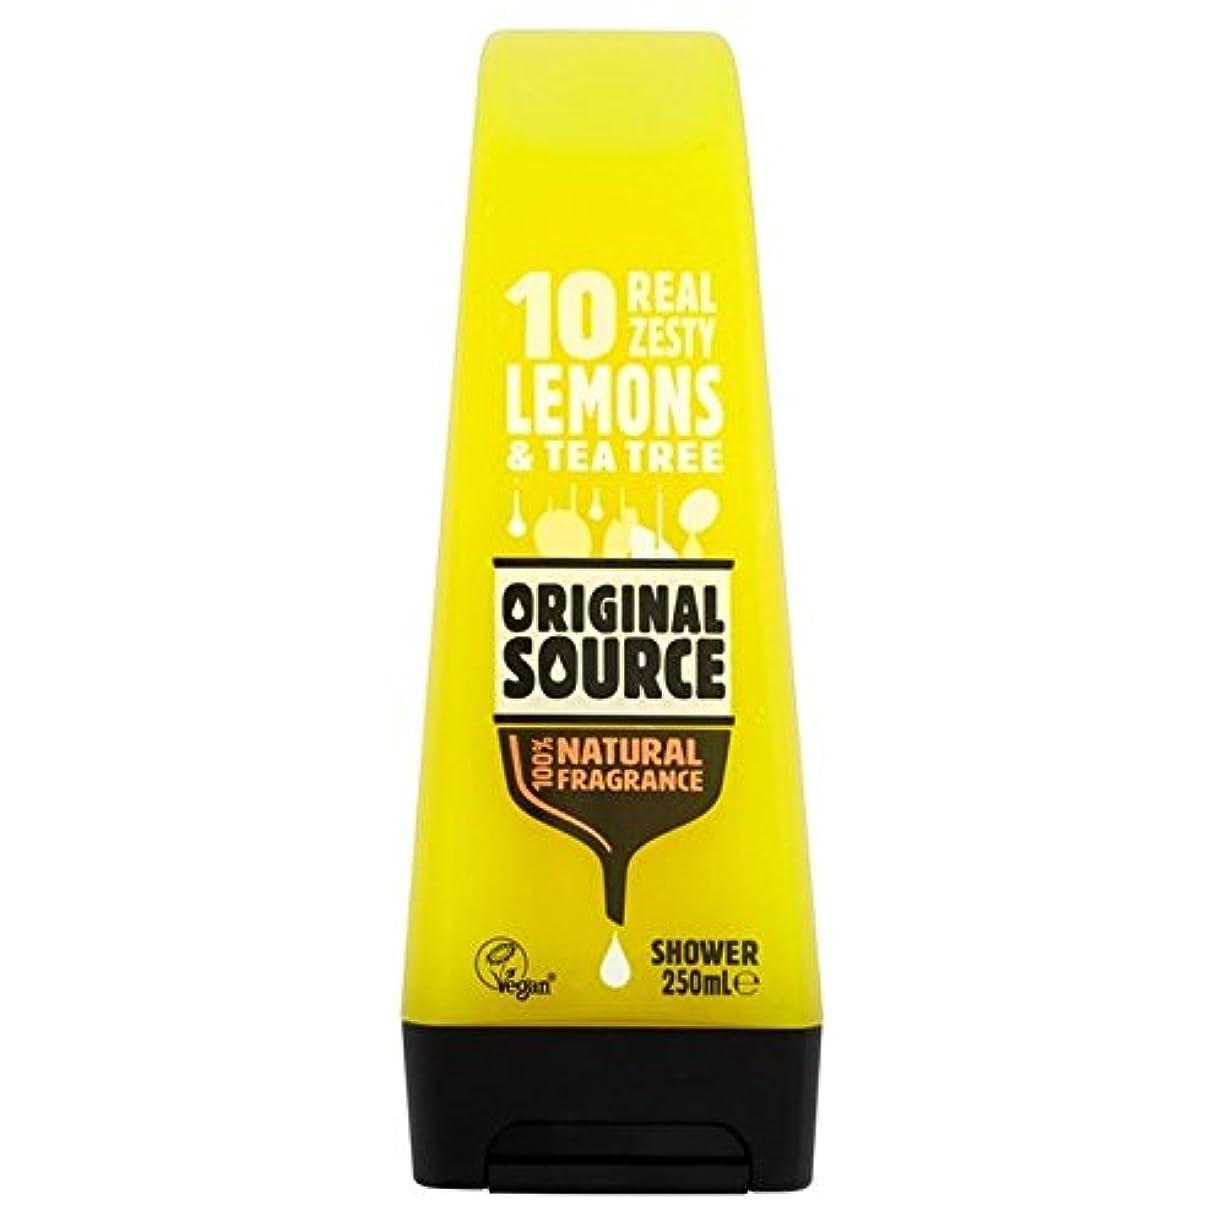 広告玉毒液元のソースのレモンシャワージェル250ミリリットル x2 - Original Source Lemon Shower Gel 250ml (Pack of 2) [並行輸入品]